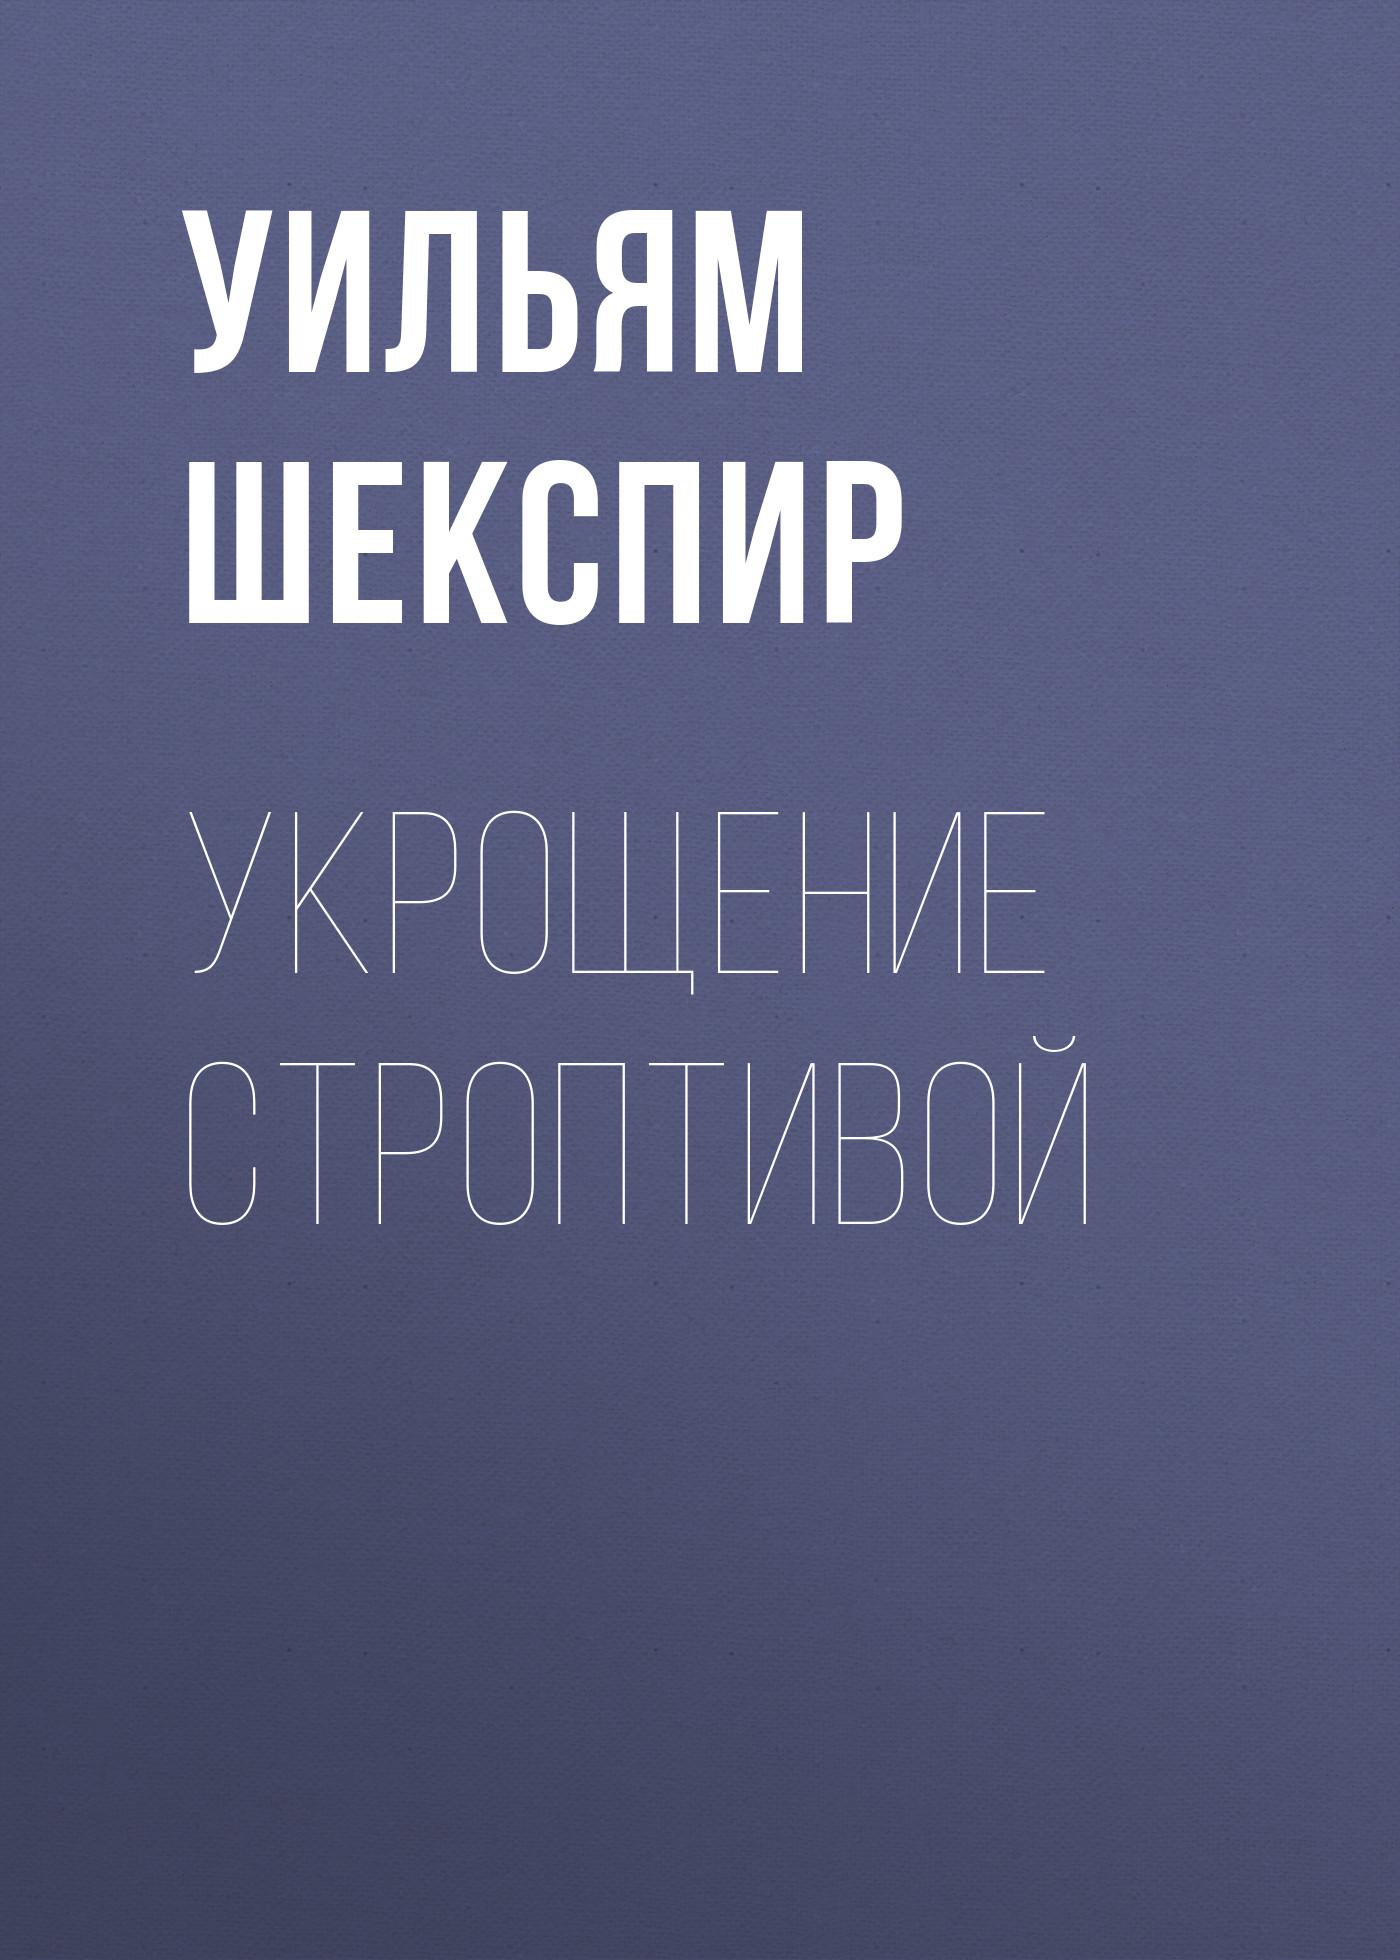 ukroshchenie stroptivoy